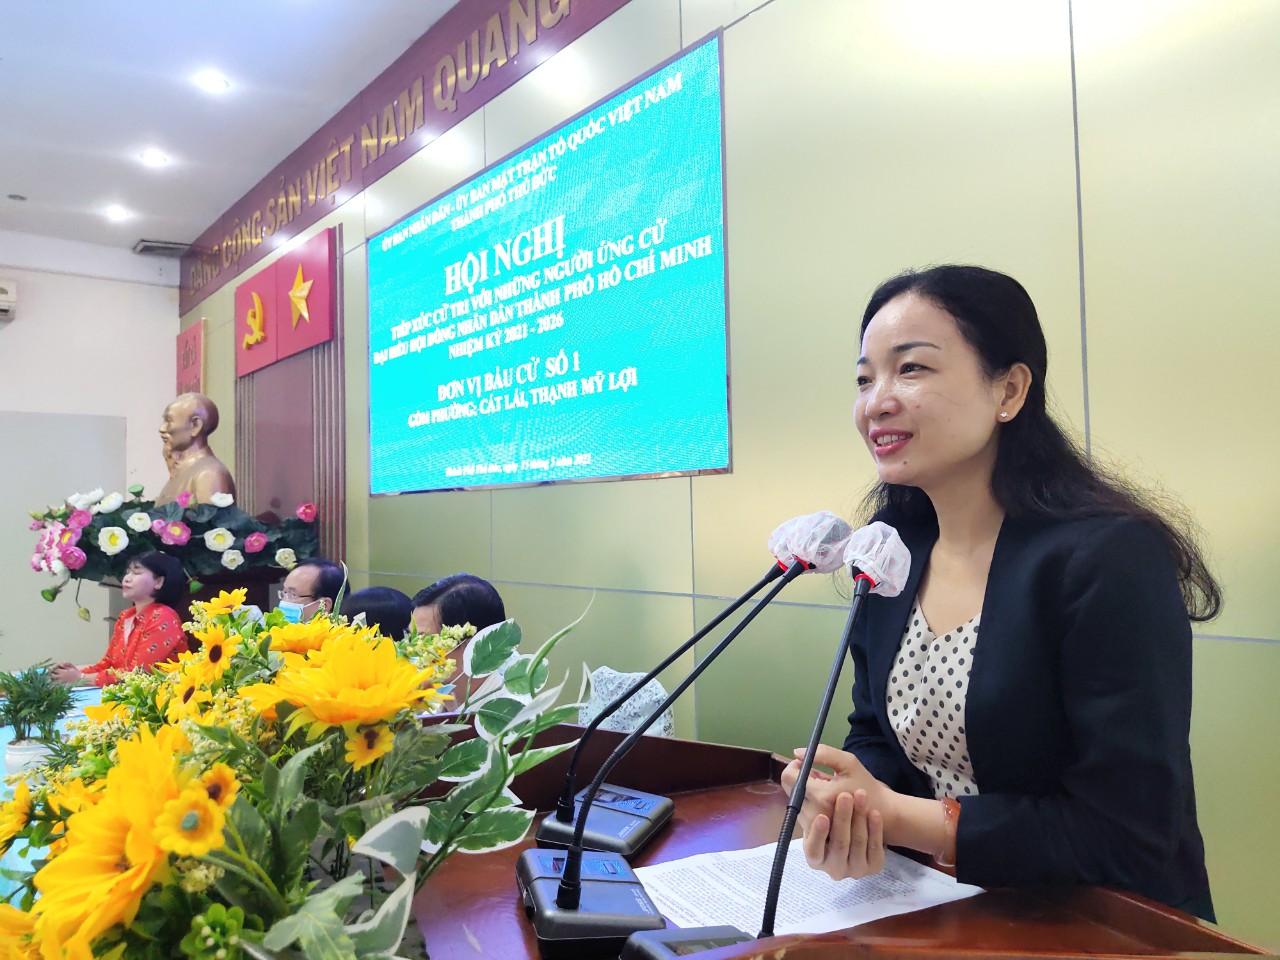 Bà Nguyễn Thị Huyền